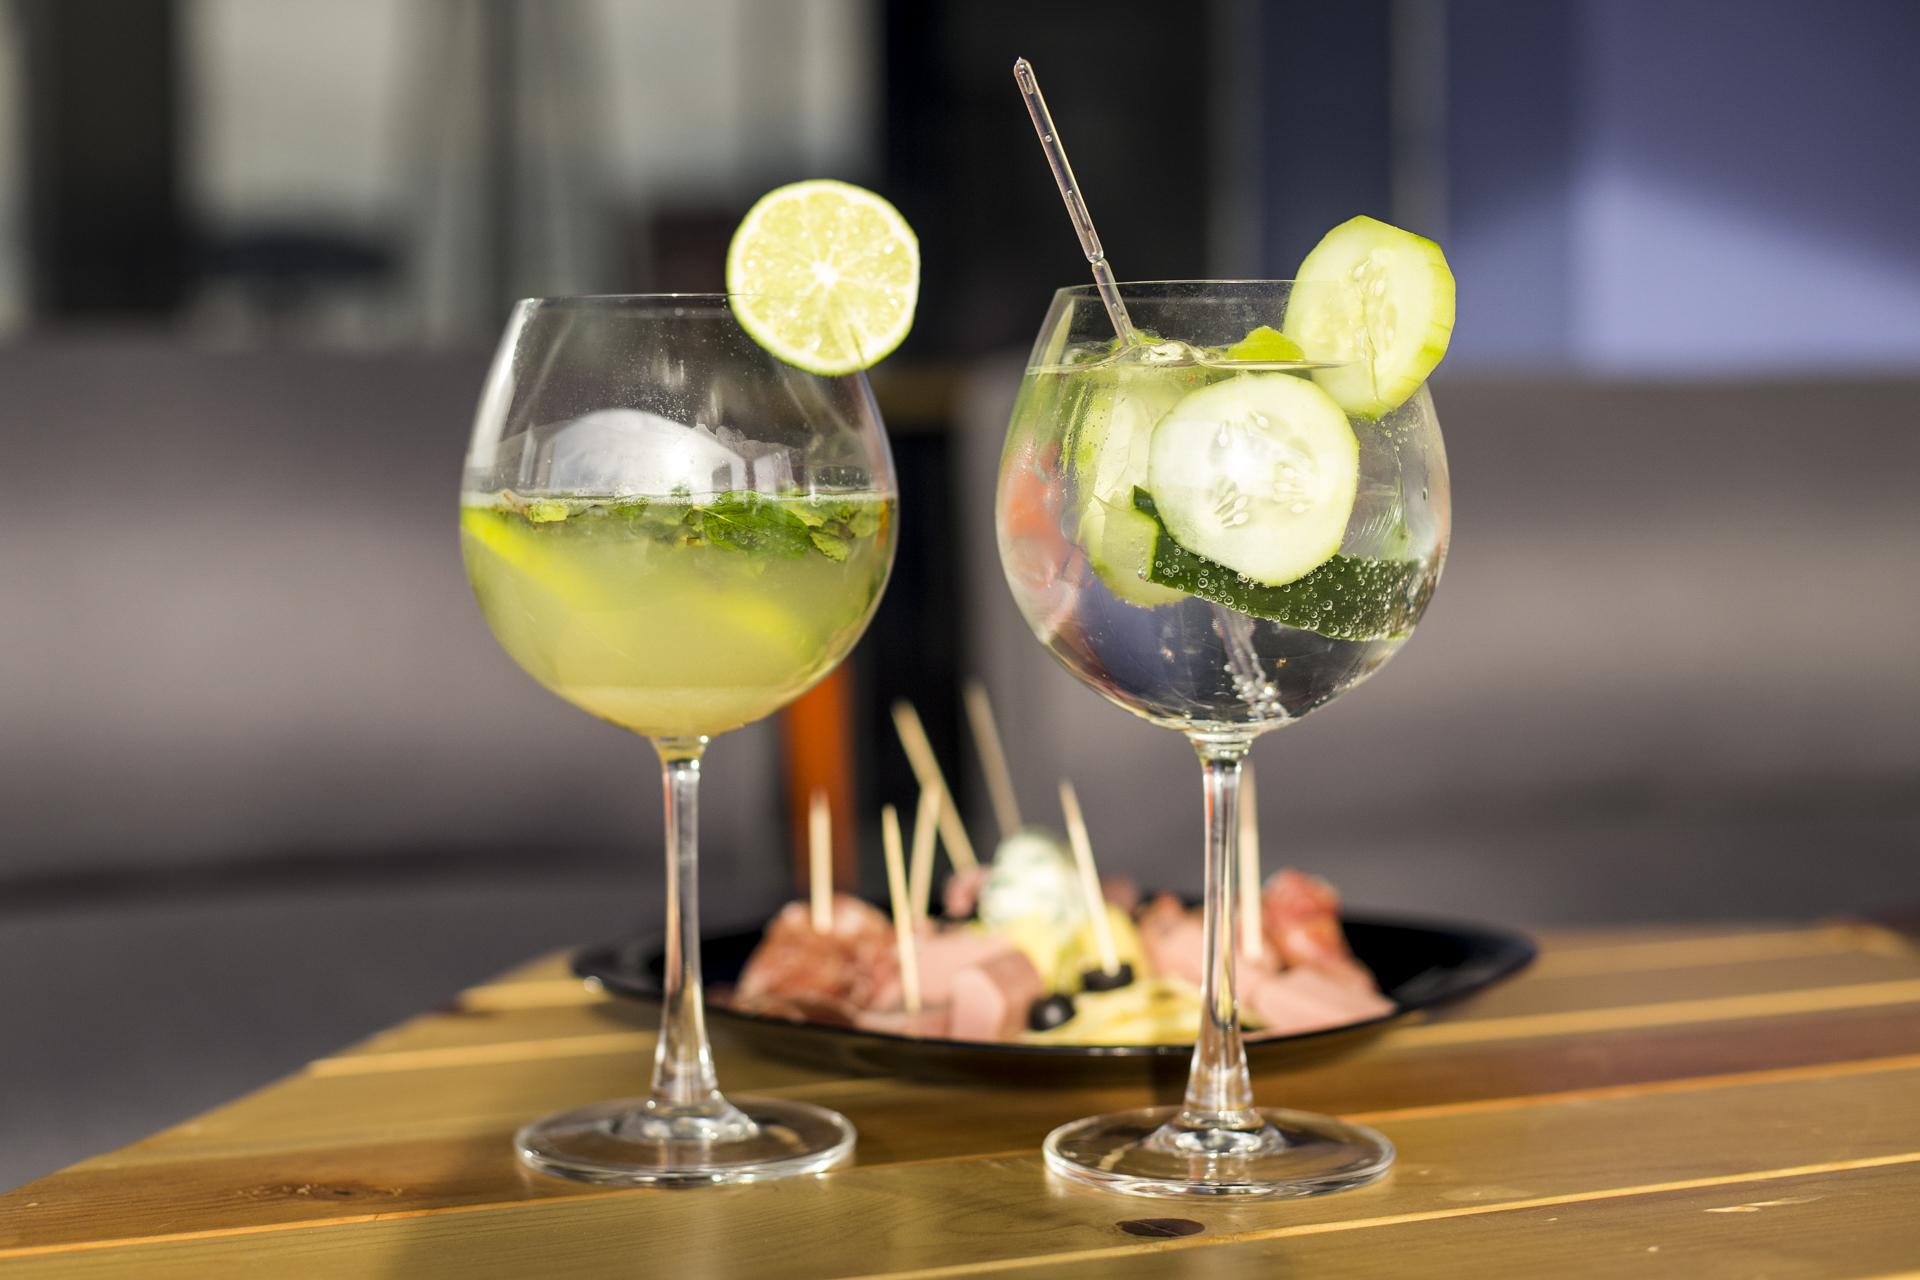 bebidas2.jpg